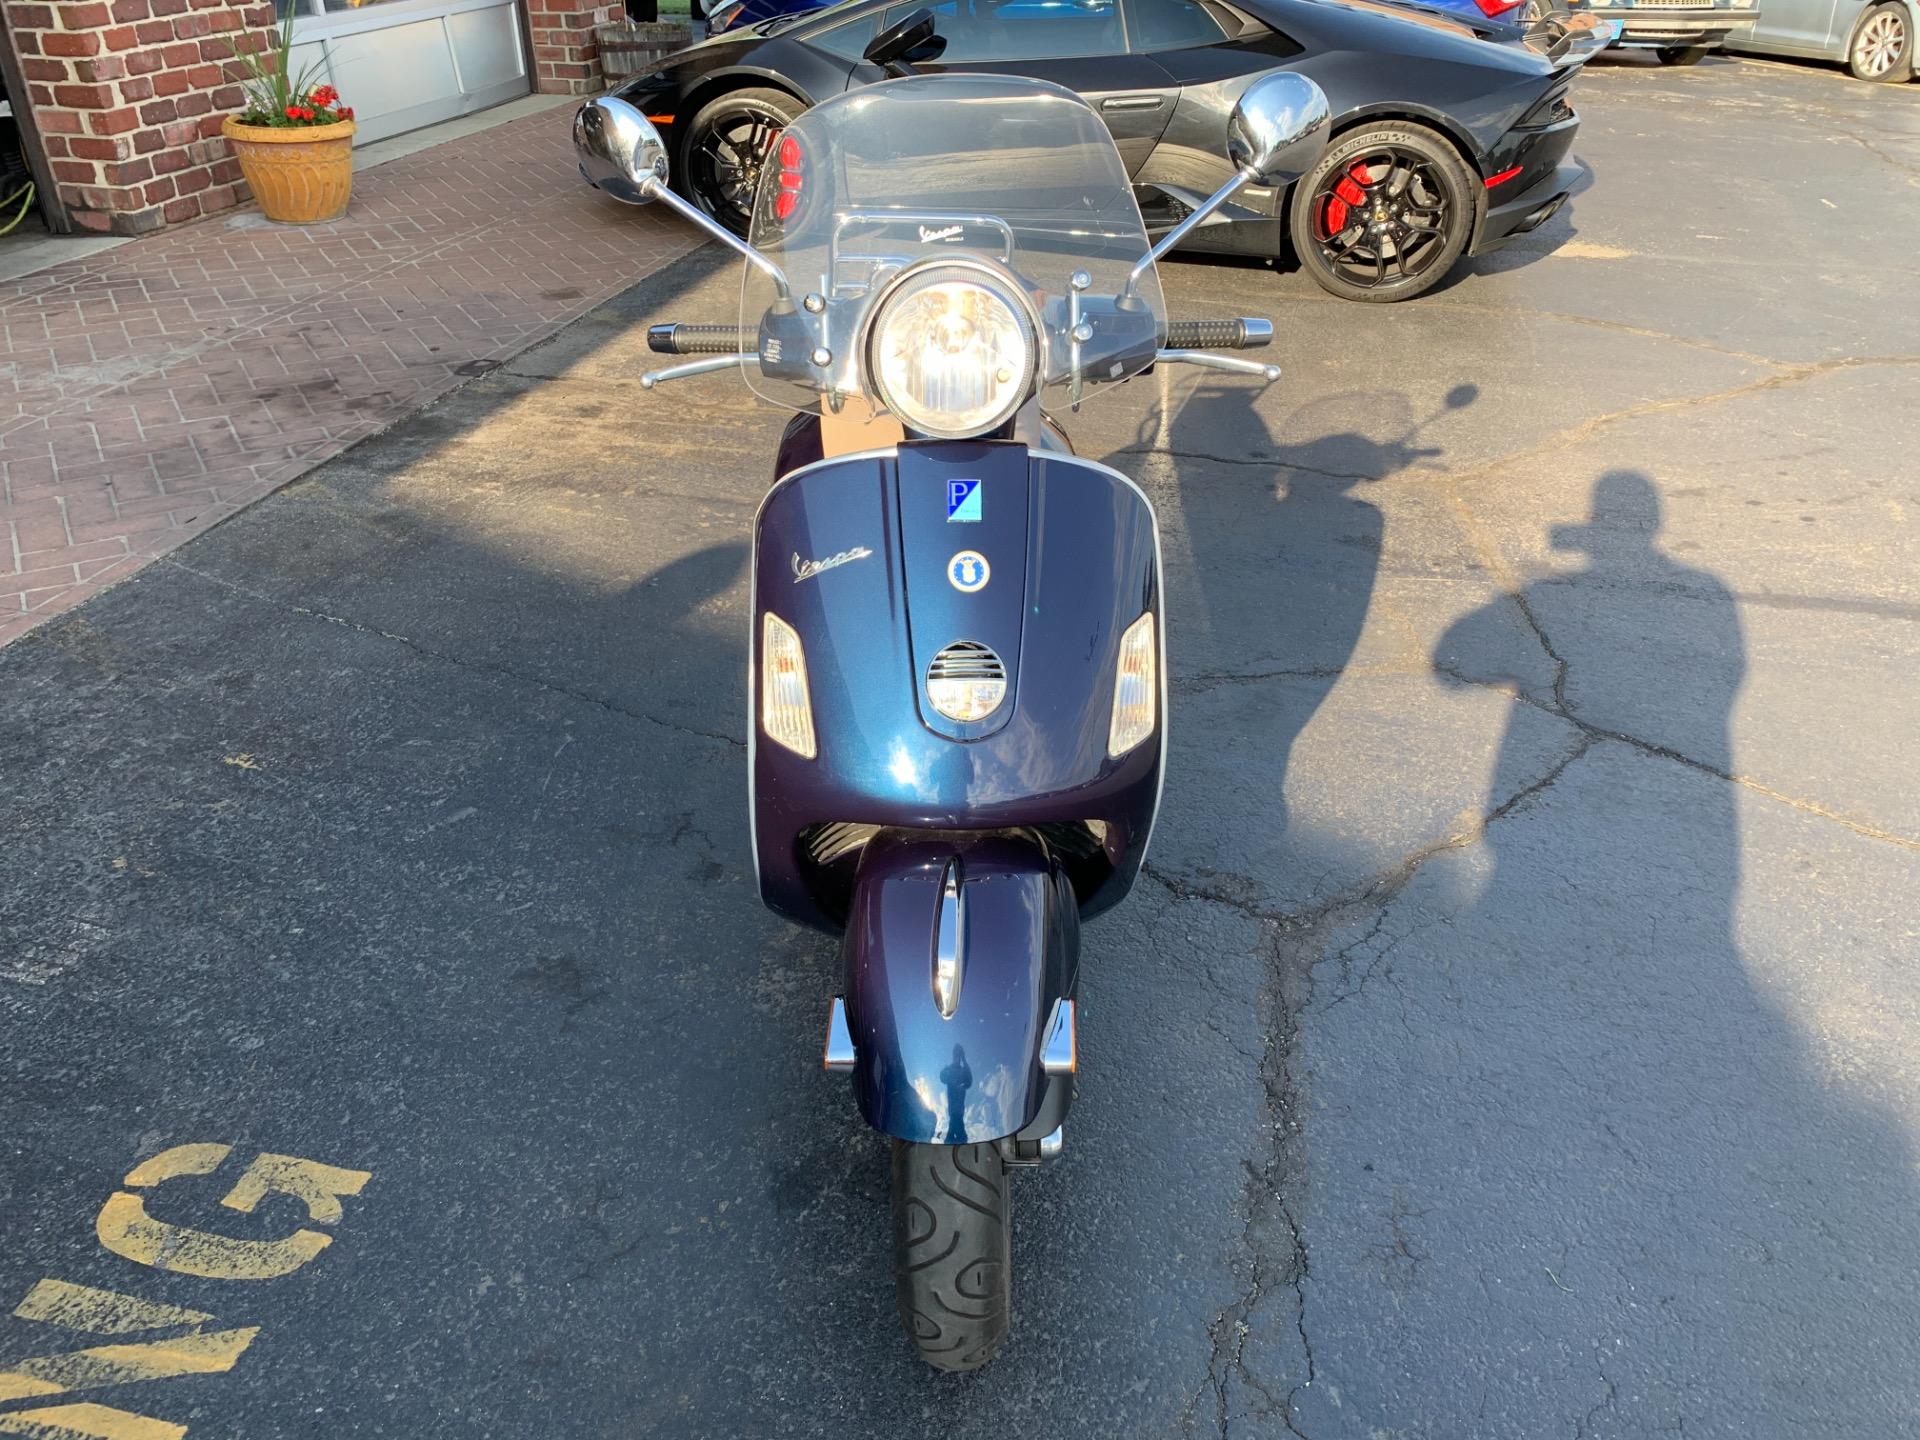 Used-2007-VESPA-GTS-250ie